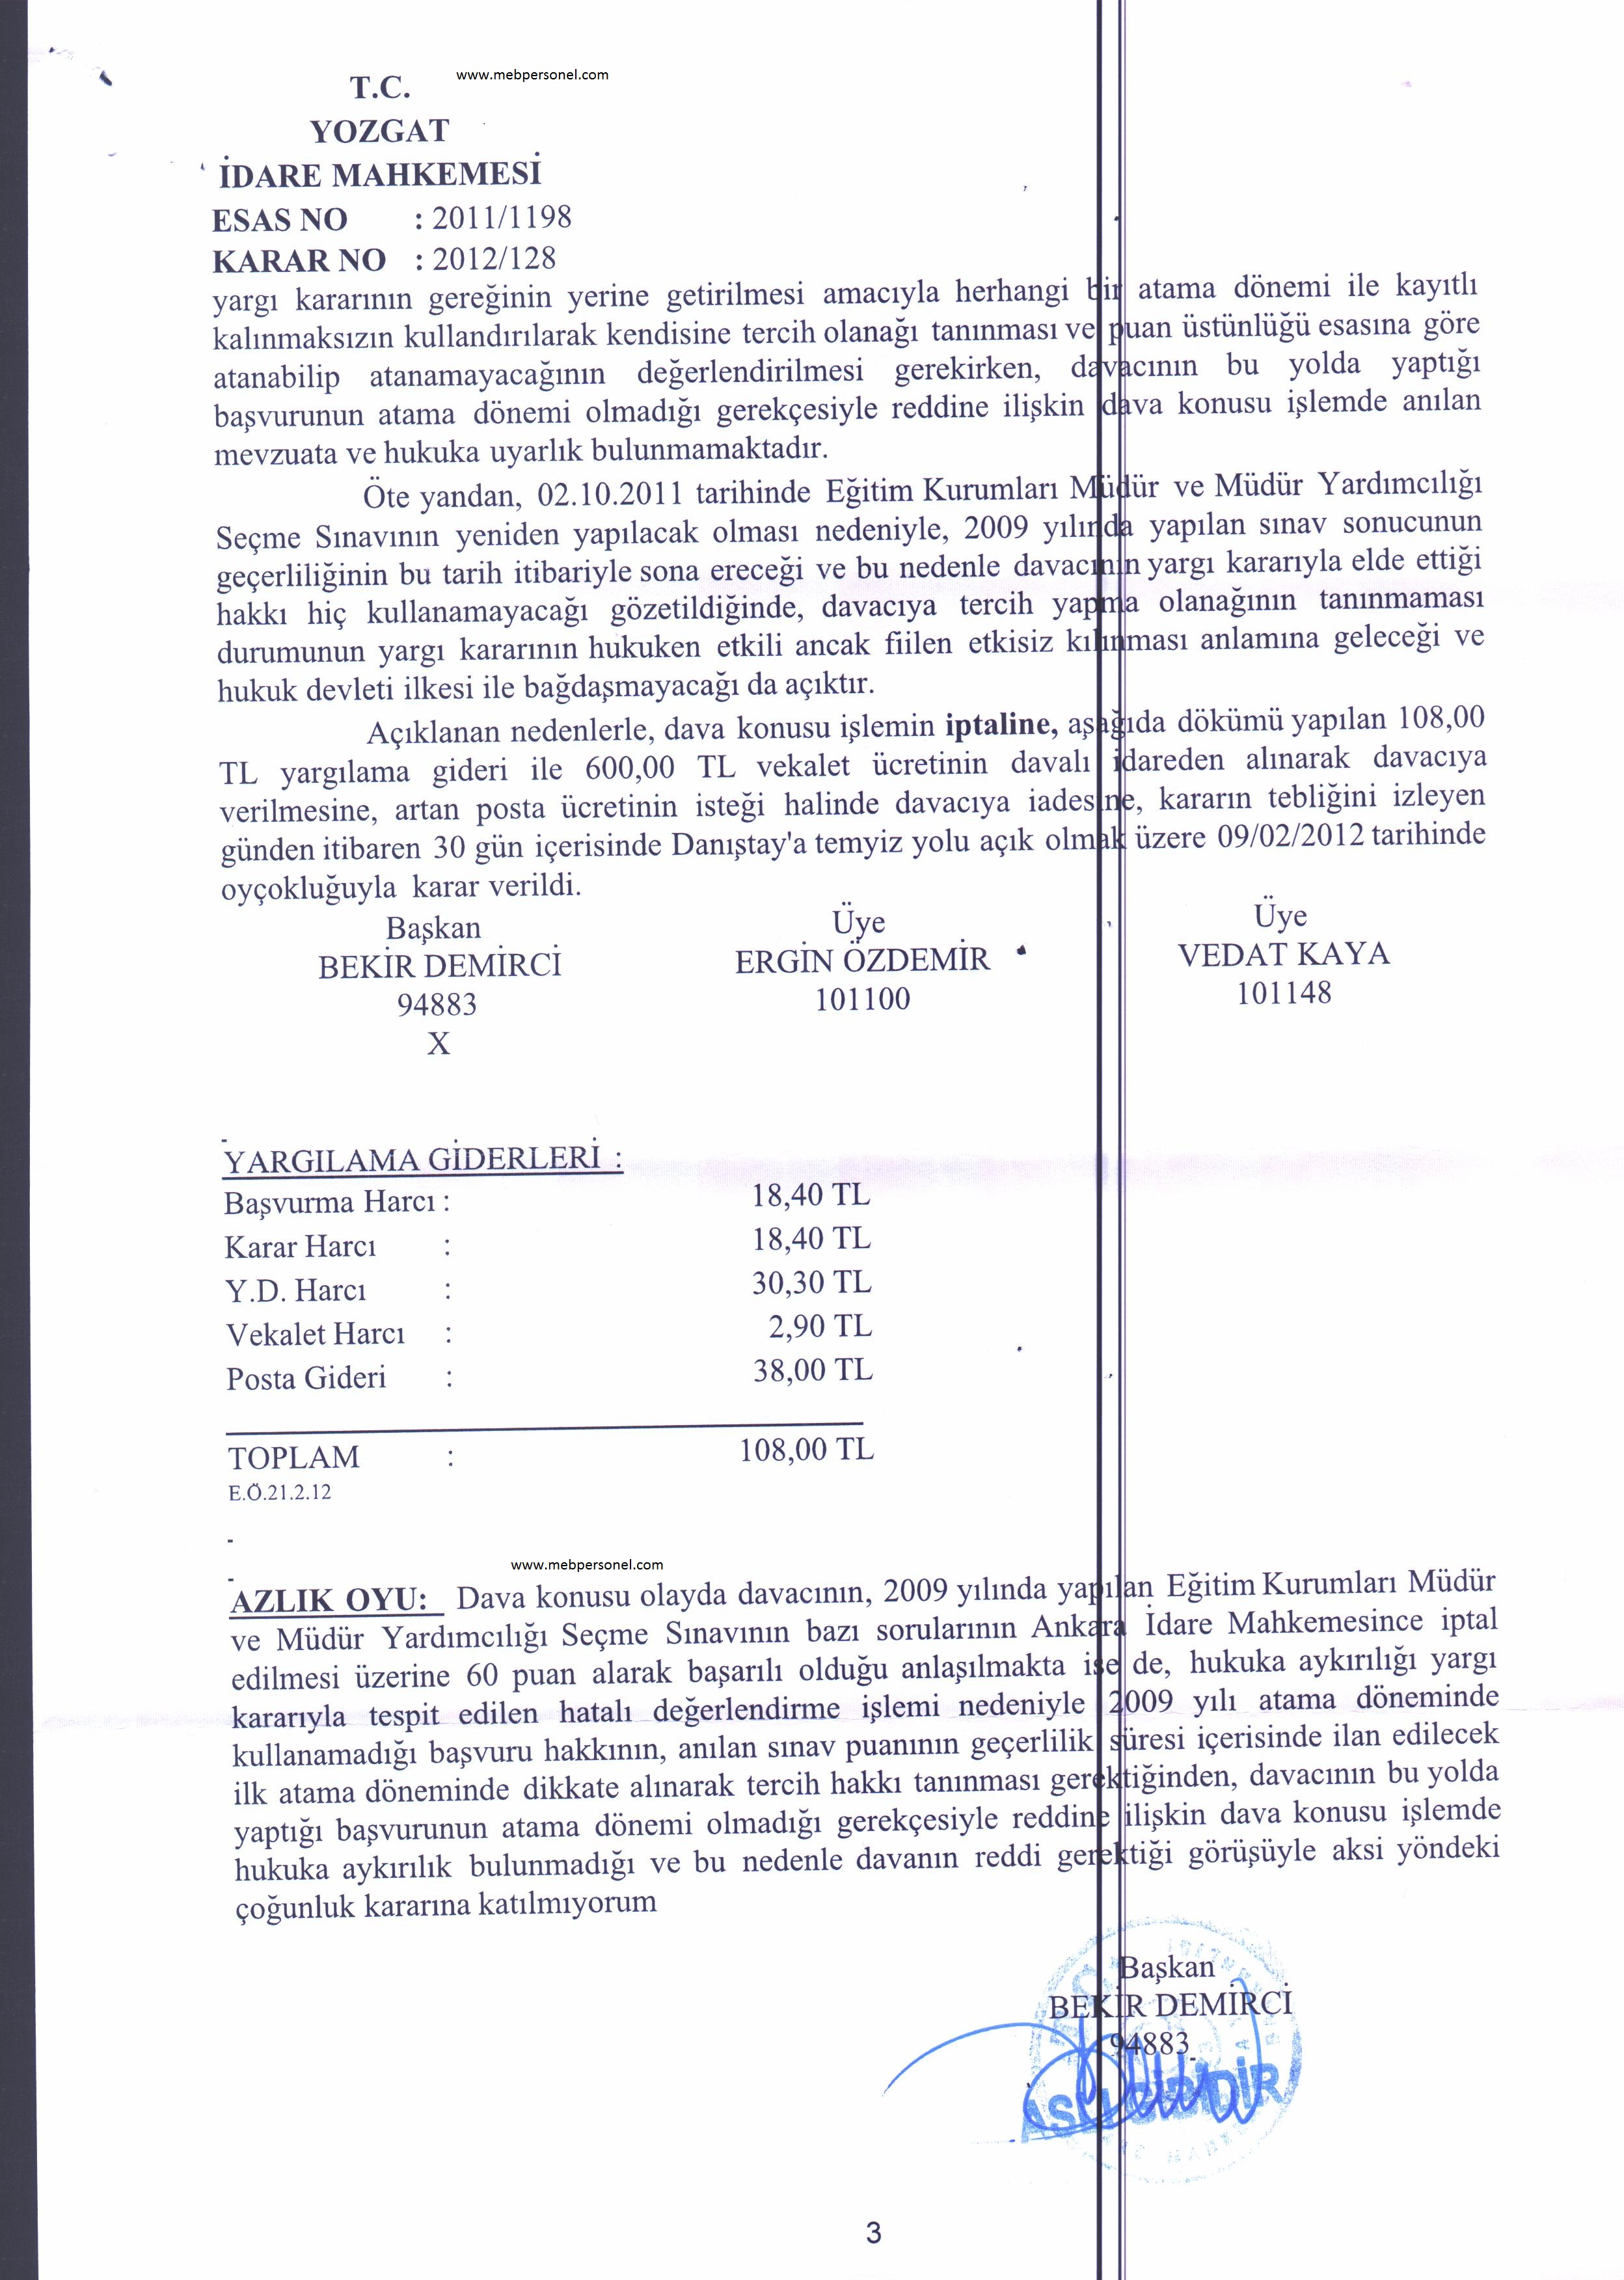 2009 Müdür Yardımcılığı Sınav Puanın Tekrar Değerlendirilmesi i ile İlgili Mahkeme Kararı